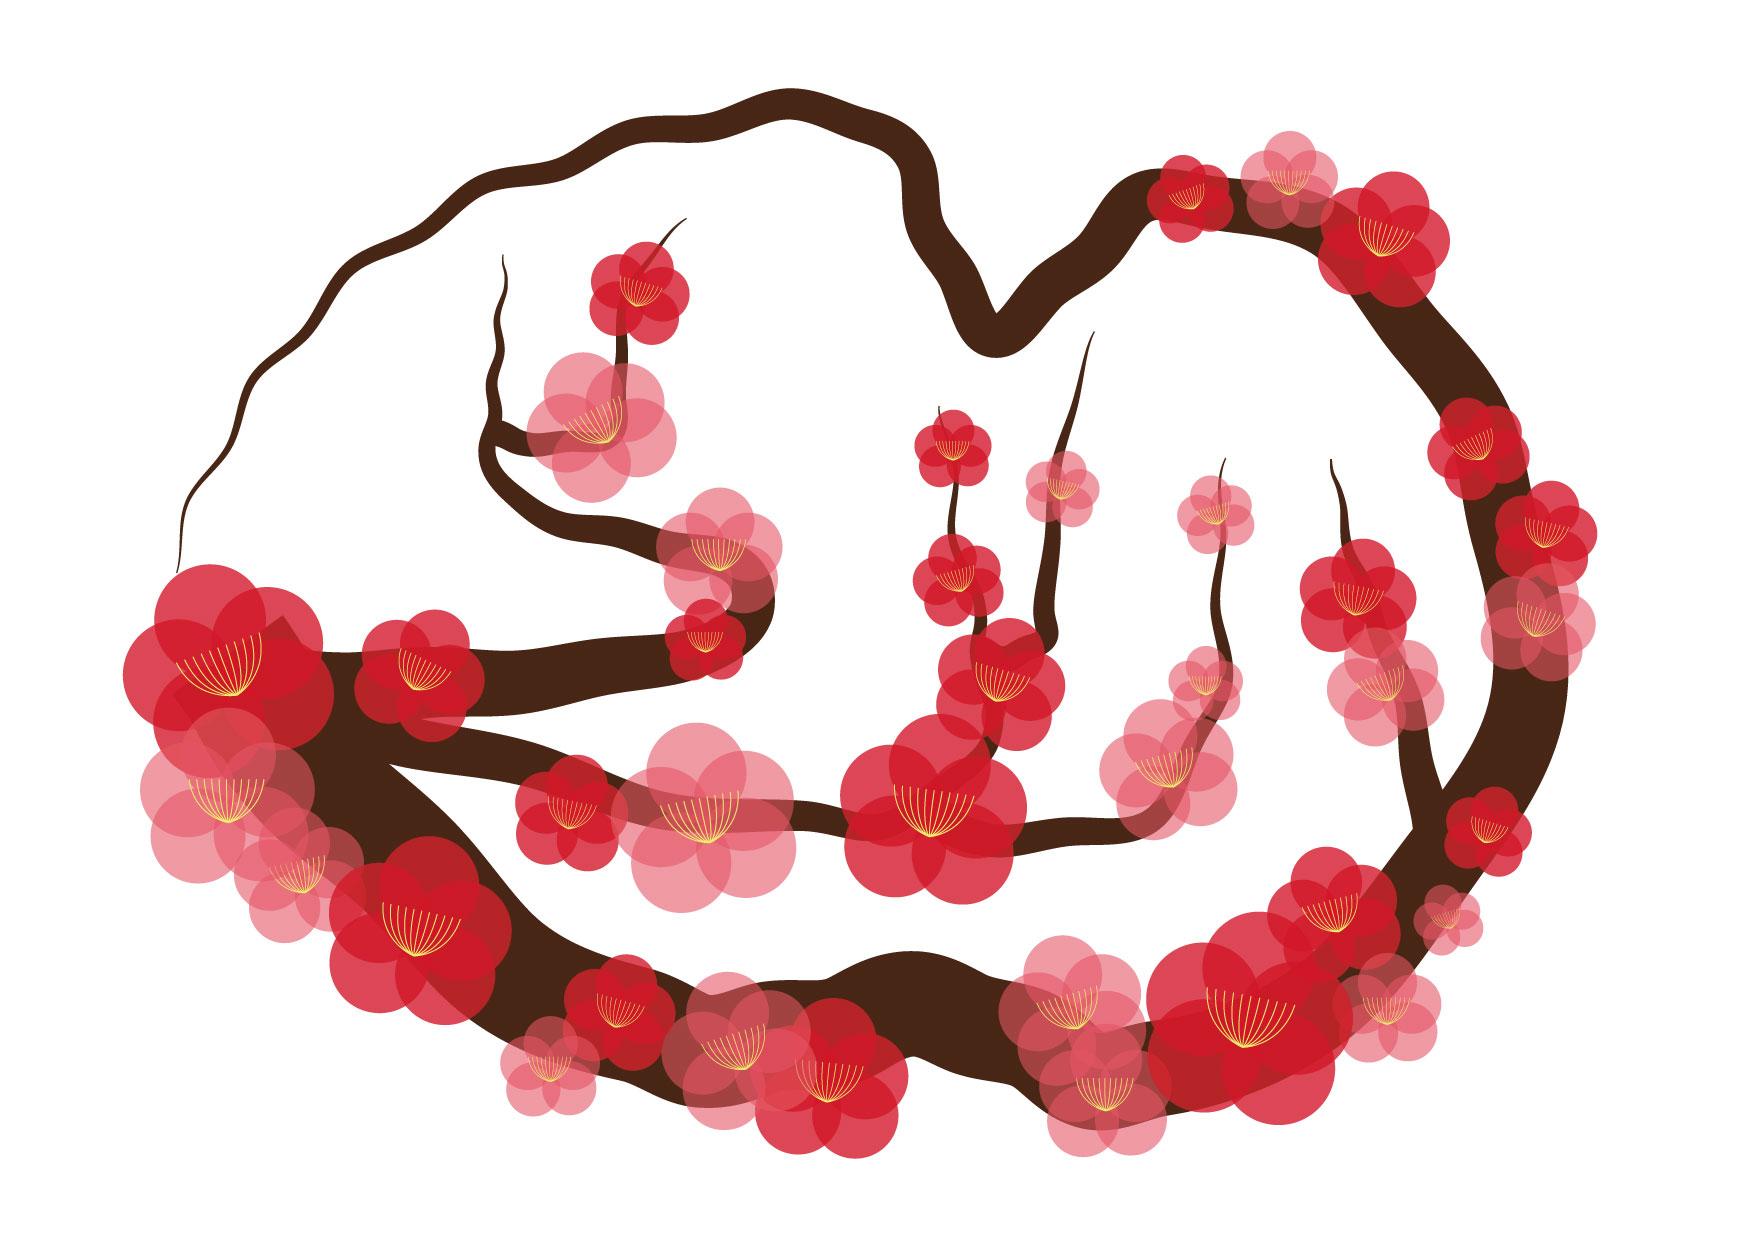 可愛いイラスト無料|梅の花 枝 − free illustration Plum blossom branch